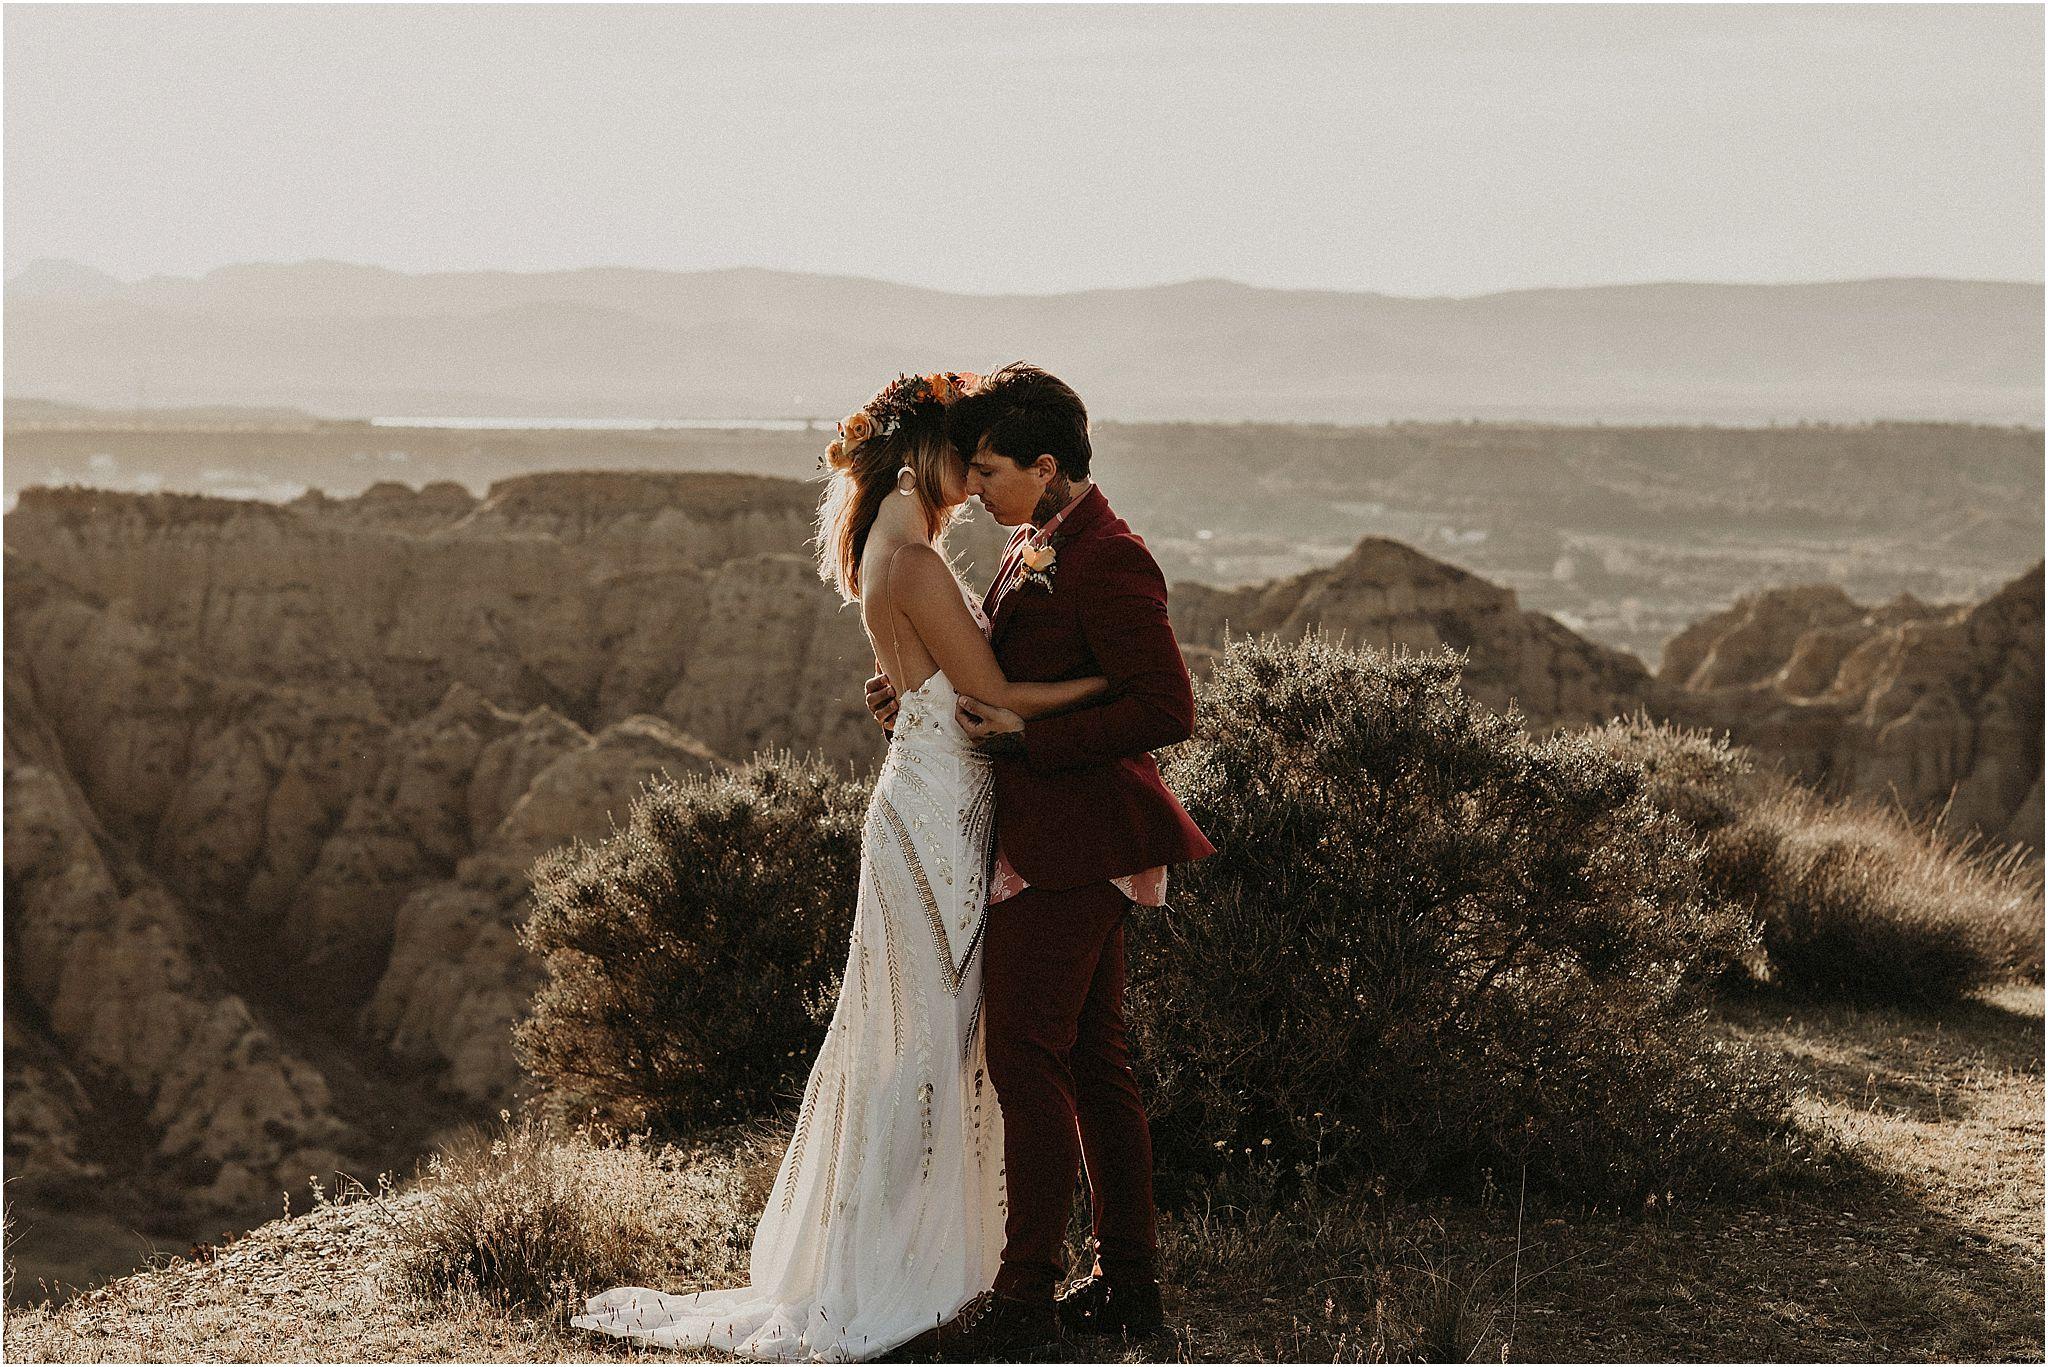 Indie wedding in Spain 17.jpg